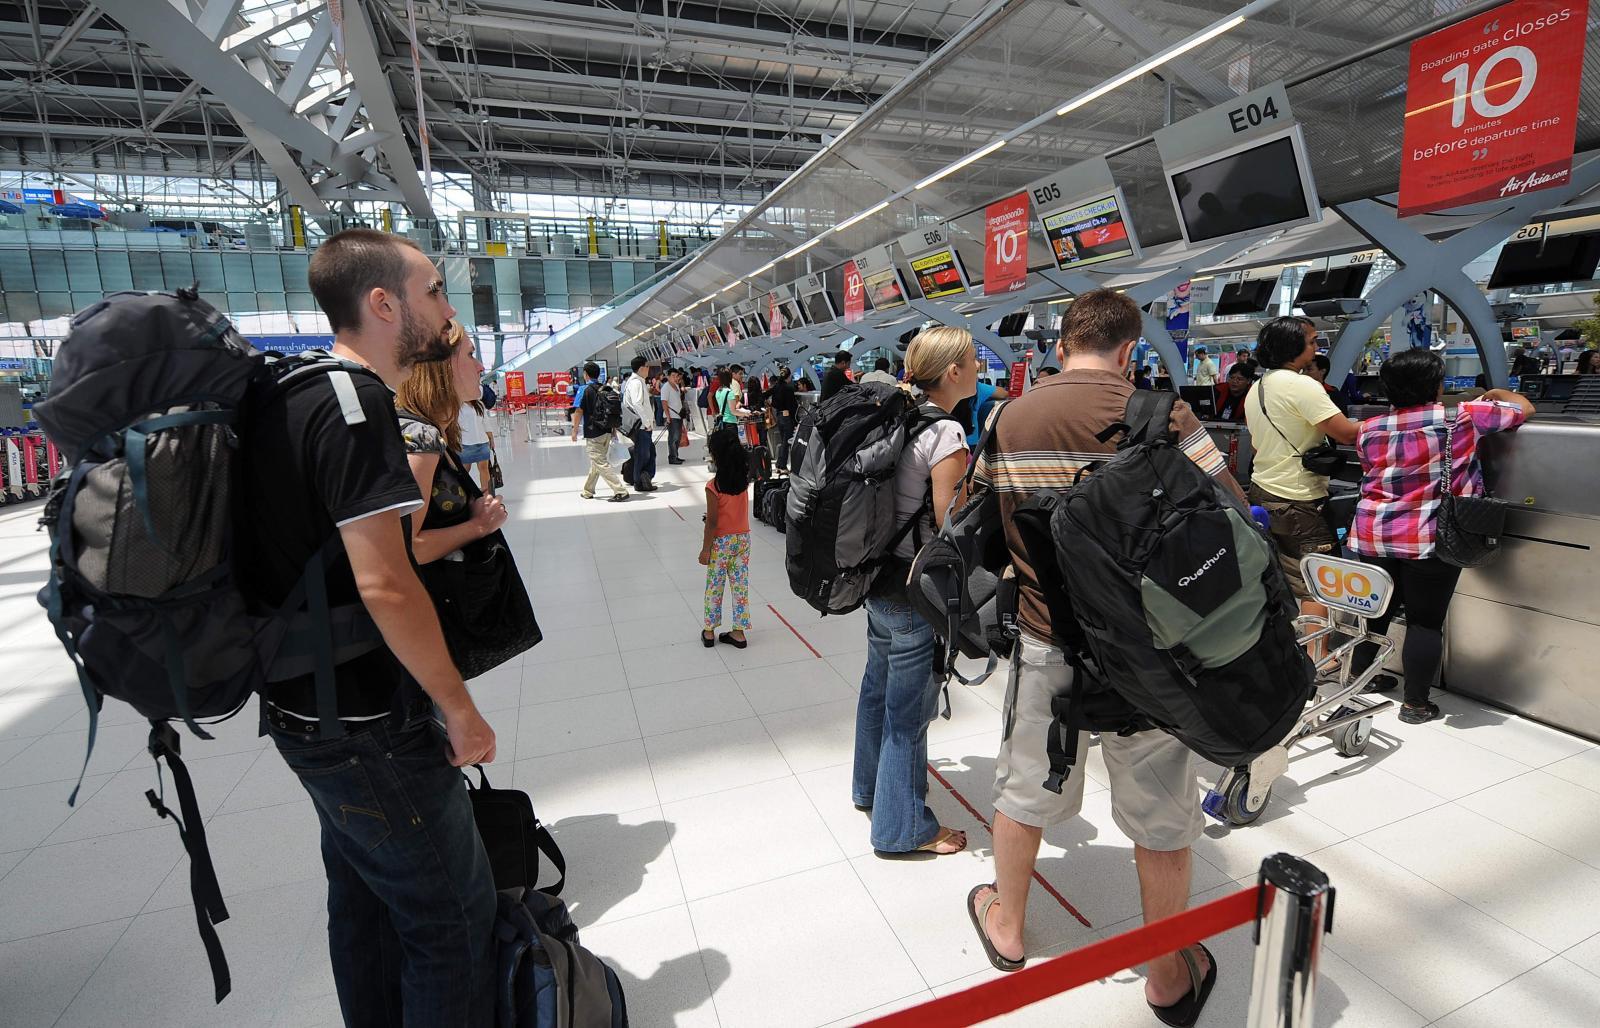 พนง.เอกซเรย์กระเป๋าสนามบินสุวรรณภูมิหยุดงาน เหตุไม่พอใจเงินเดือน